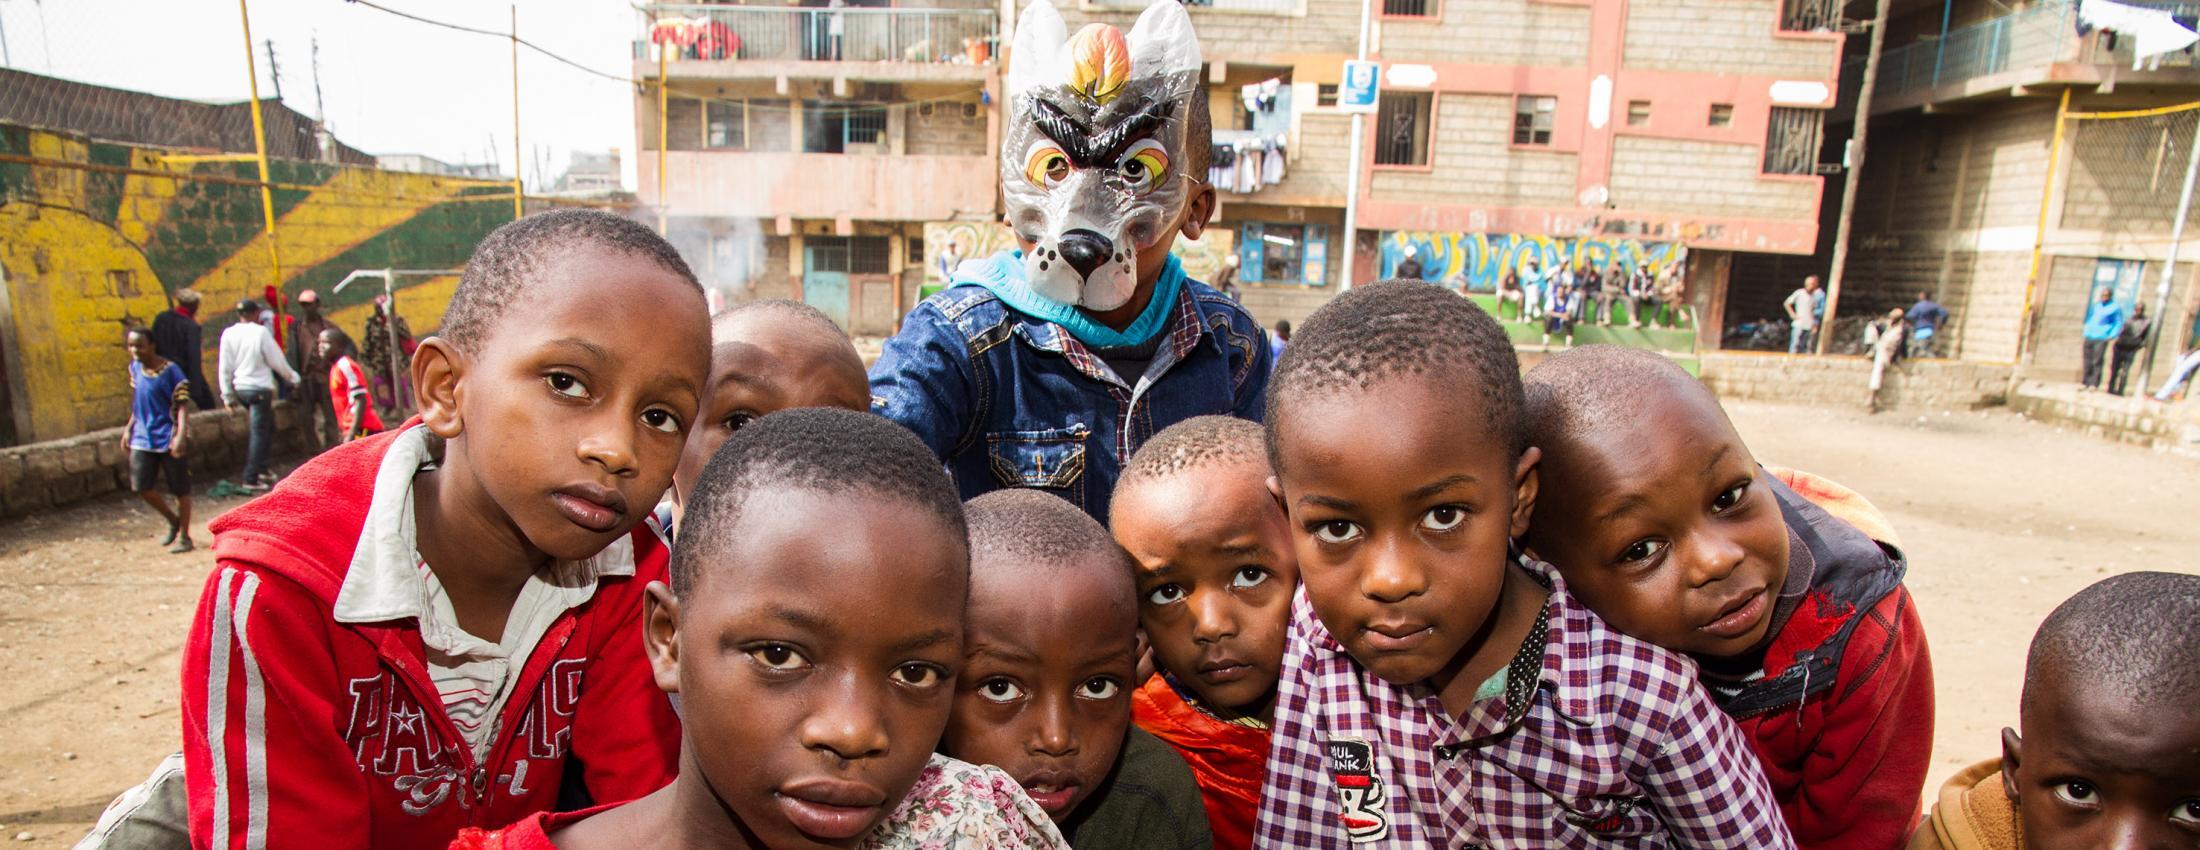 Kituo cha watoto Mathare jijini Nairobi chaleta furaha